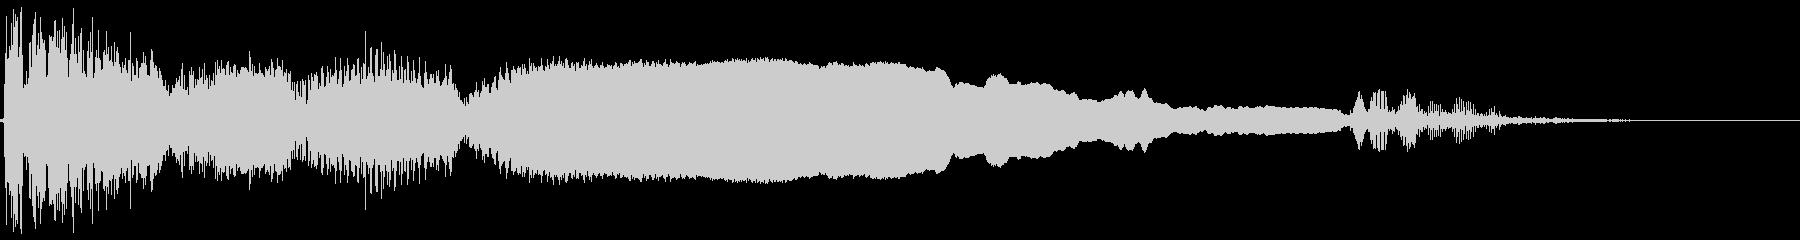 失敗時のファンファーレ2の未再生の波形